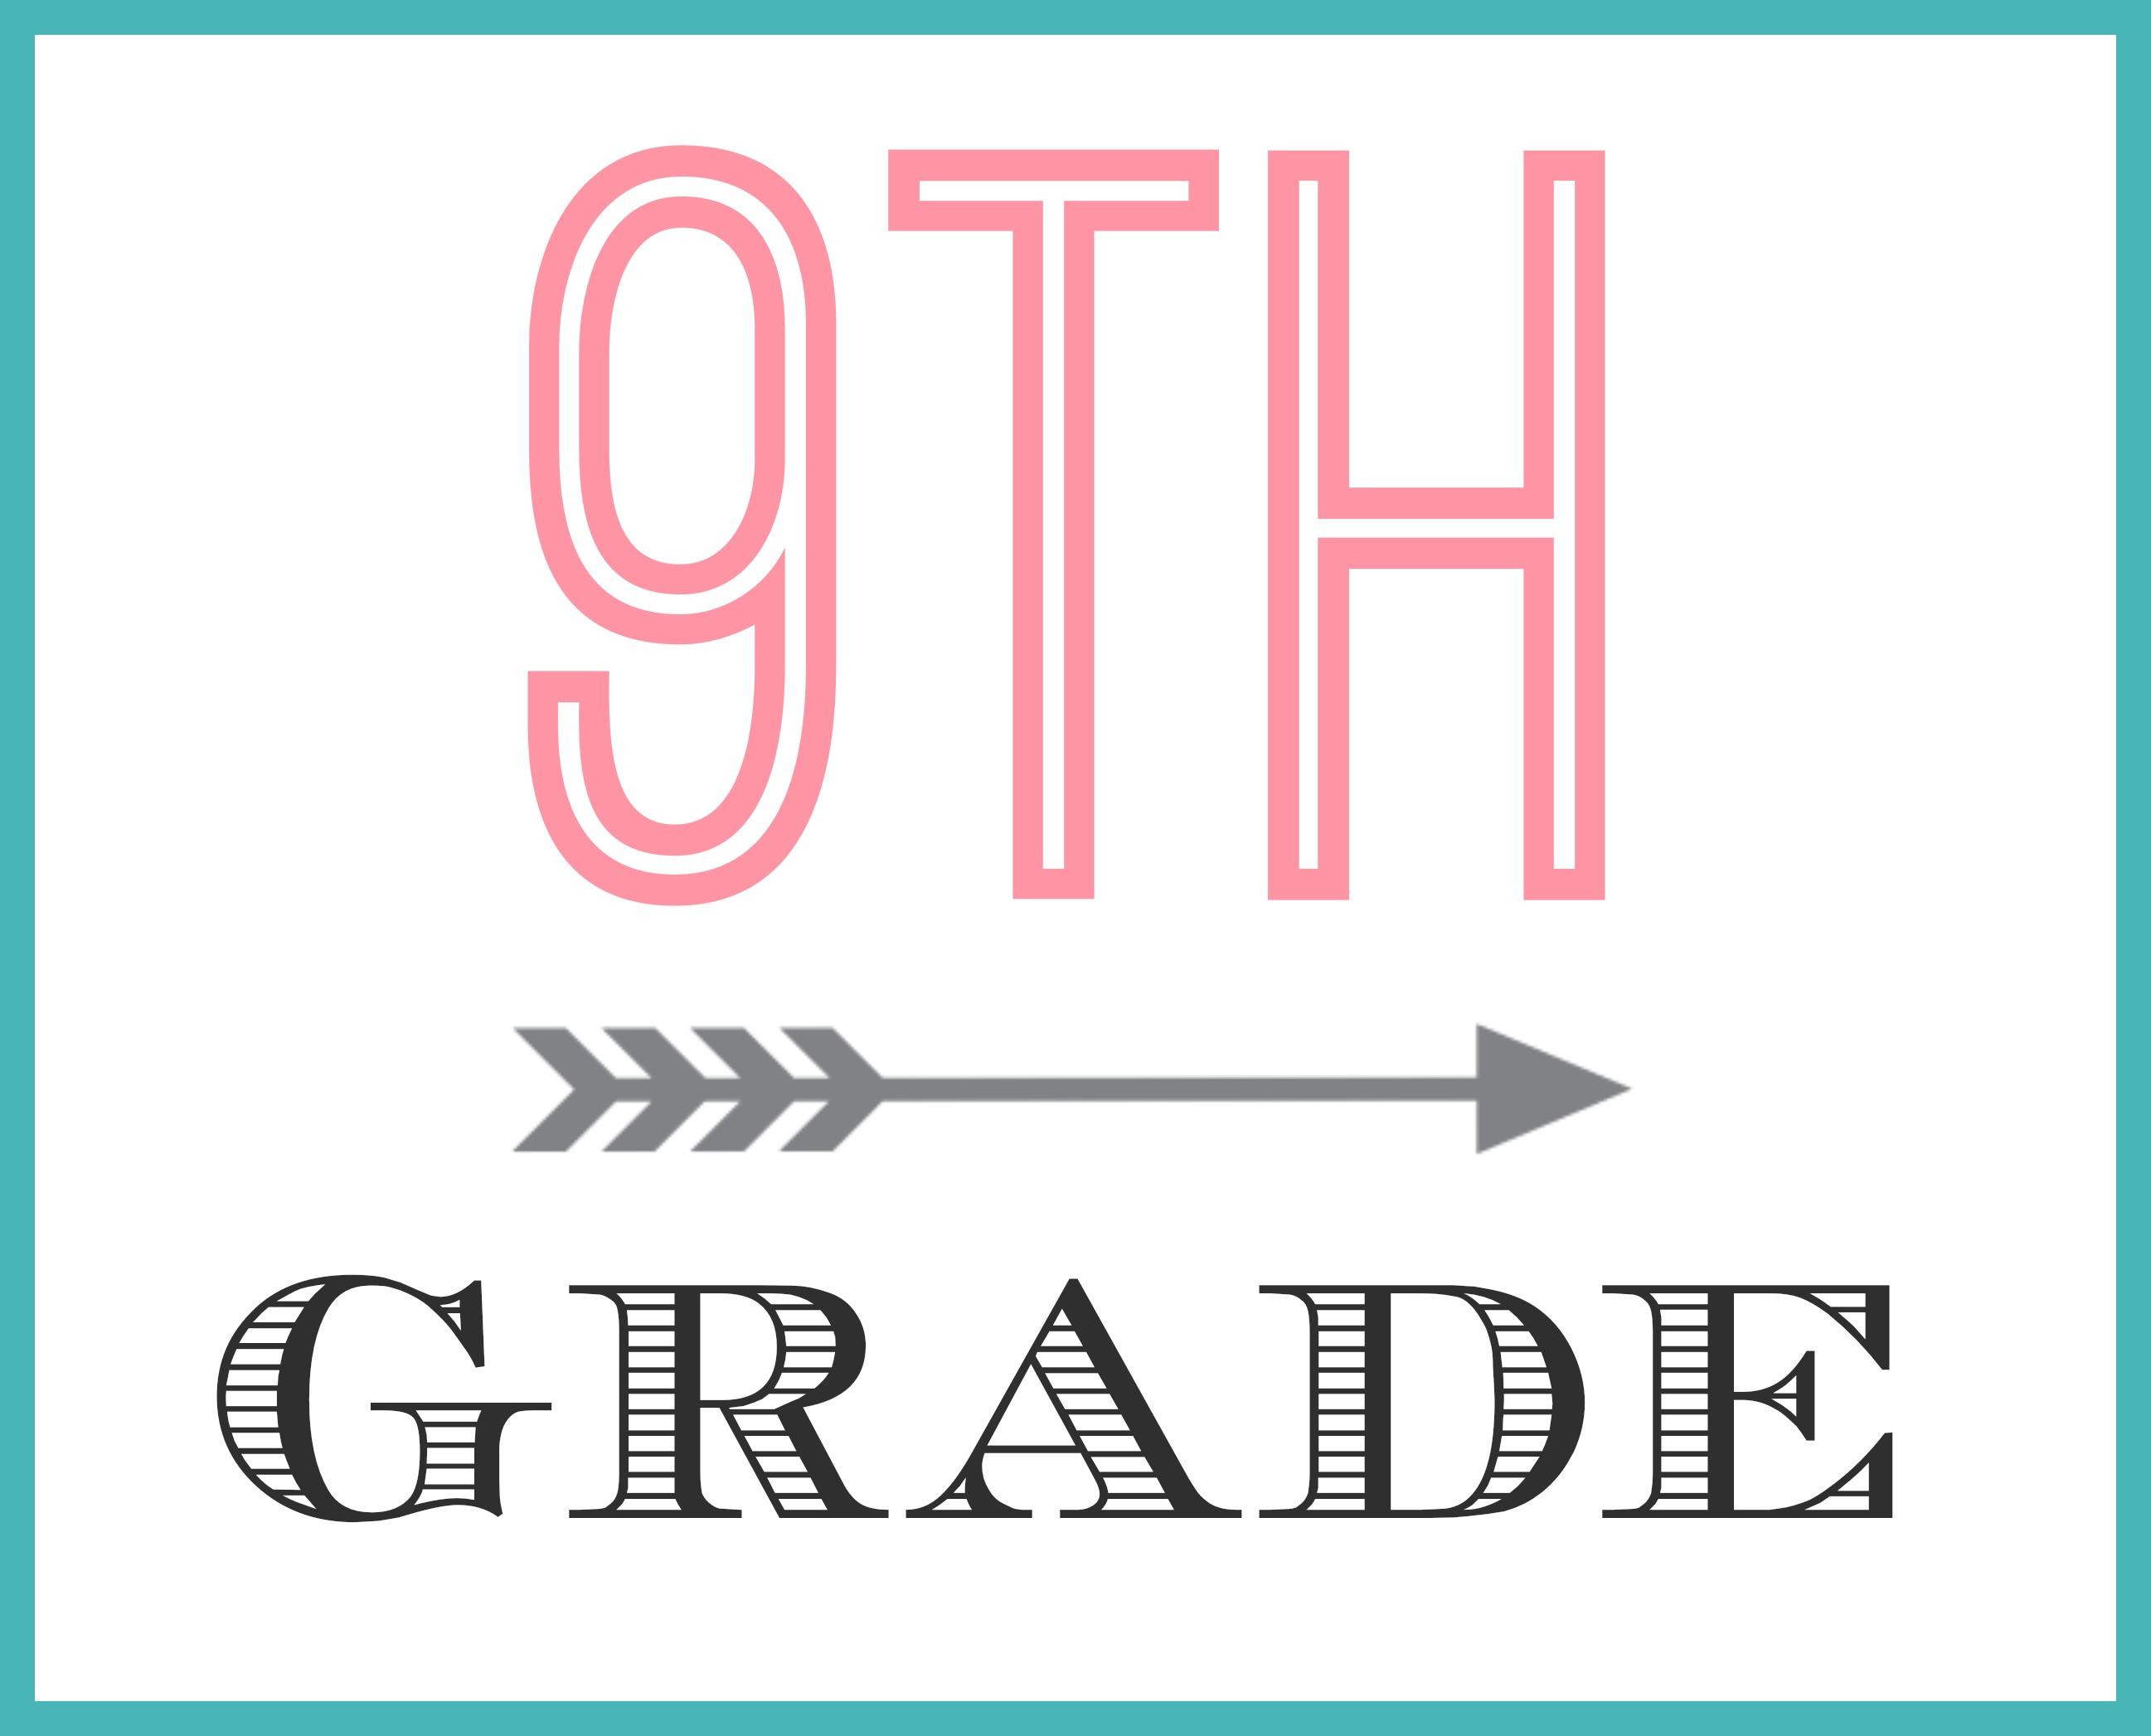 Free 9th Grade Cliparts, Download Free Clip Art, Free Clip.